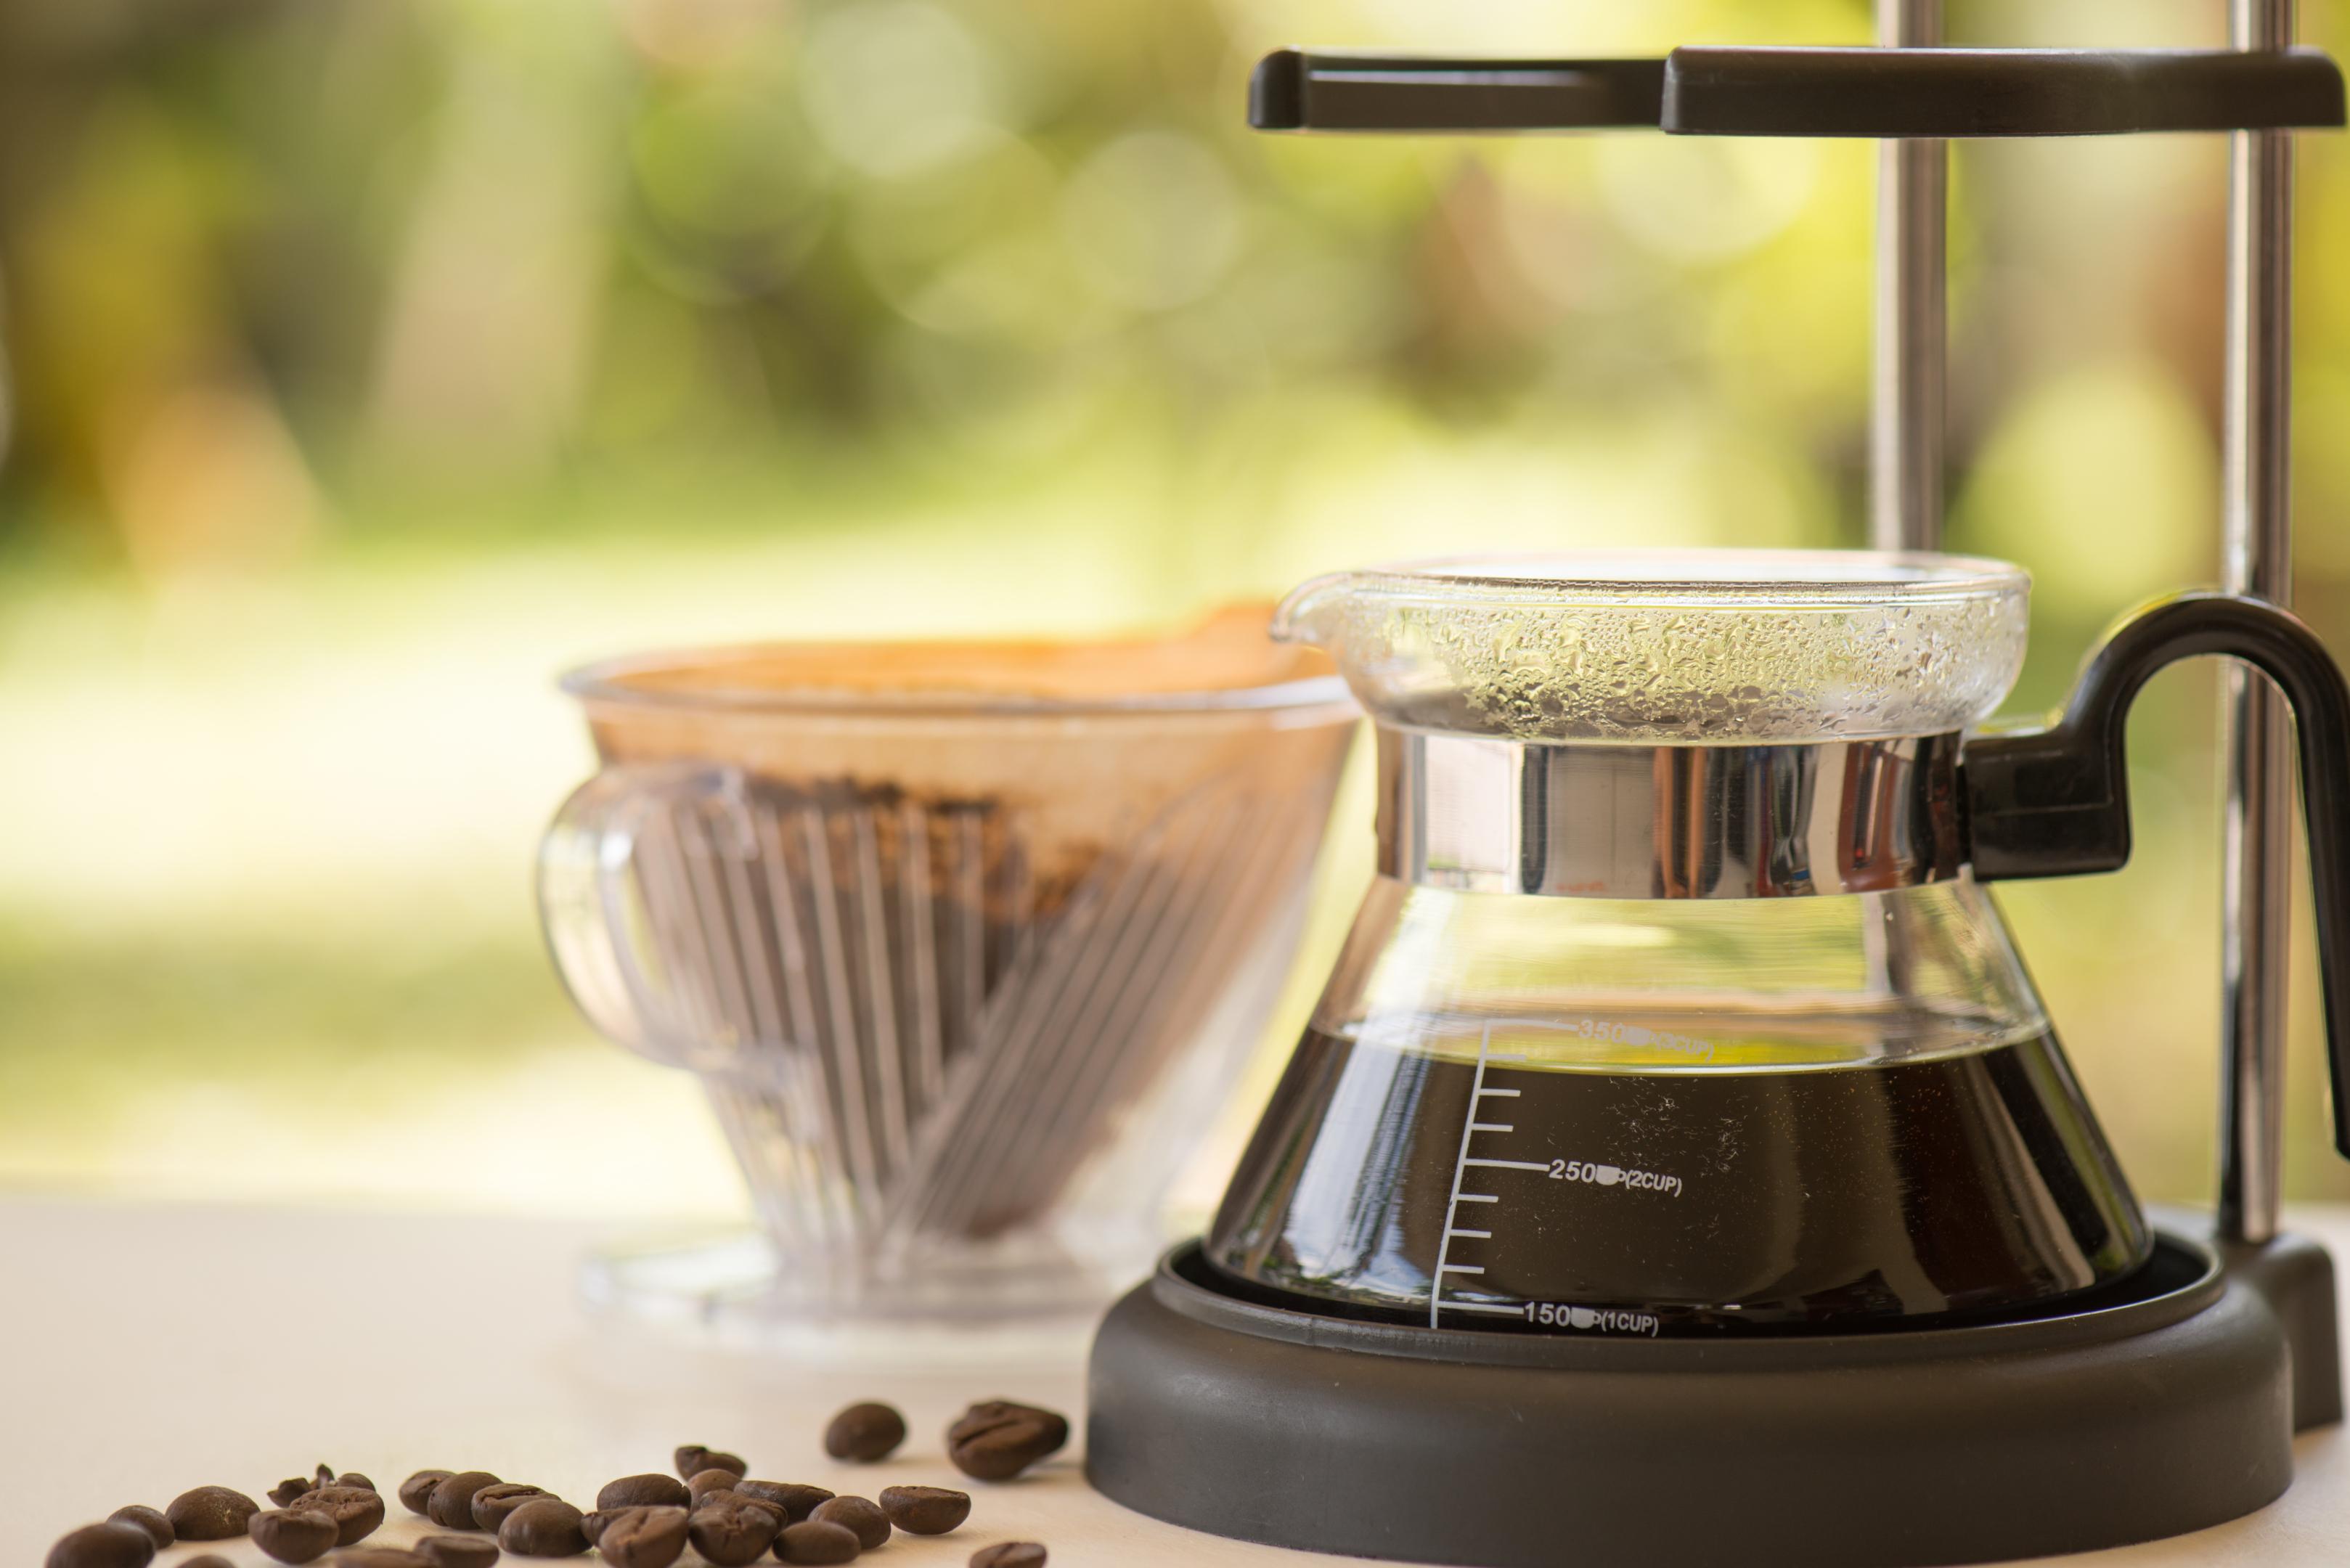 Filterkaffeemaschine mit schwarzem Kaffee